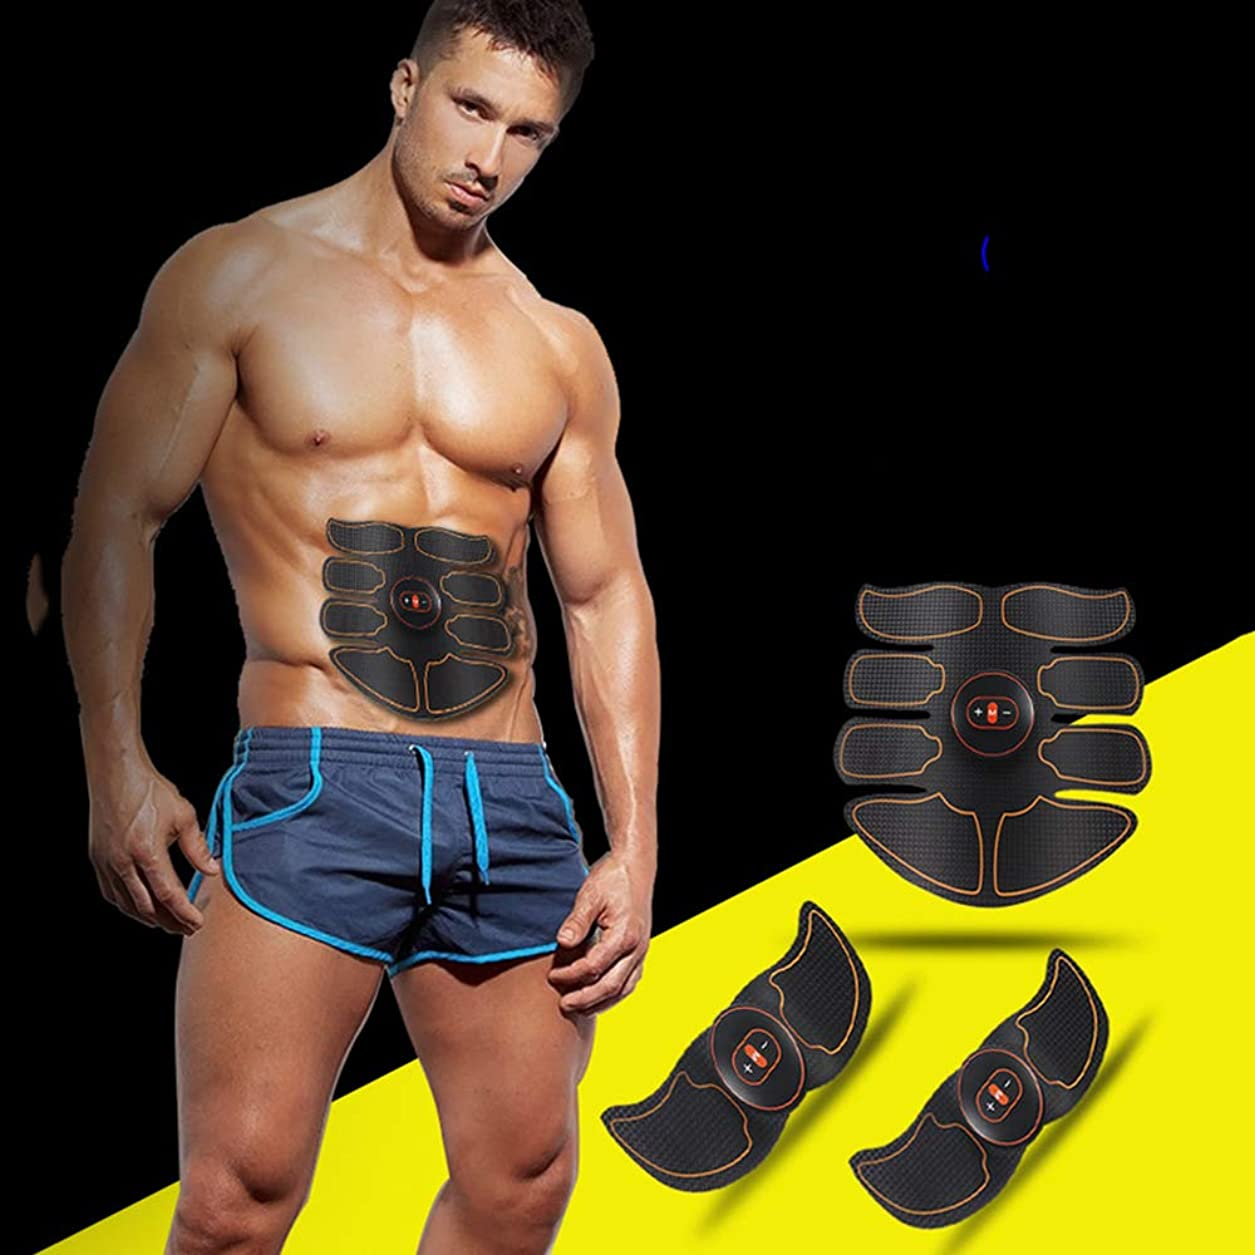 寛容薬を飲む地下室USB電気腹筋トレーニング装置EMS筋刺激器腹筋ウエスト減量マッサージャースポーツフィットネス機器ユニセックス,Yellow